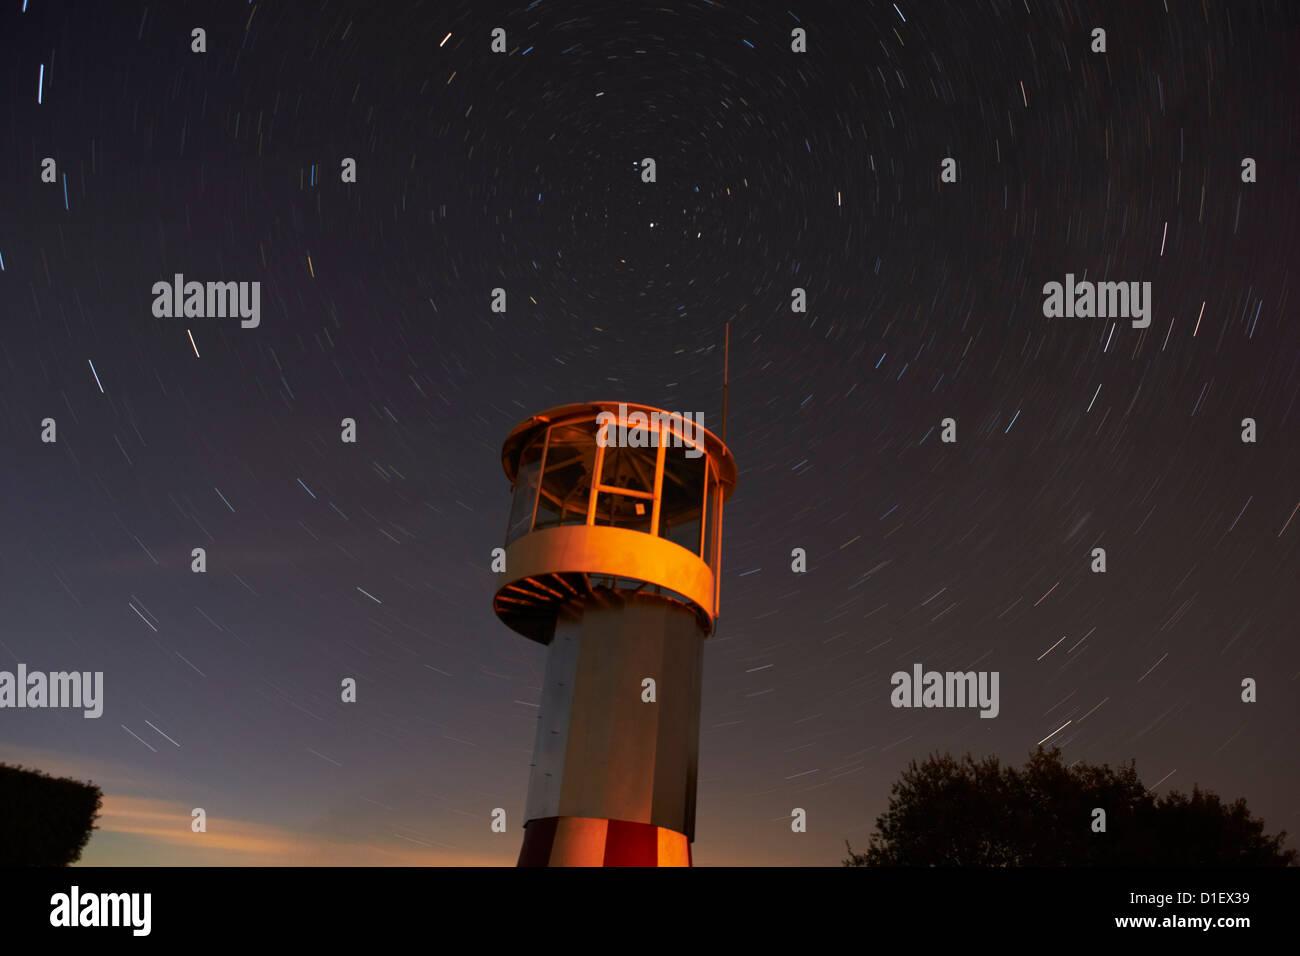 Torre presso l'aeroporto di microlite Sauldorf di notte, Sigmaringen, Baden-Wuerttemberg, Germania, foto aeree Foto Stock